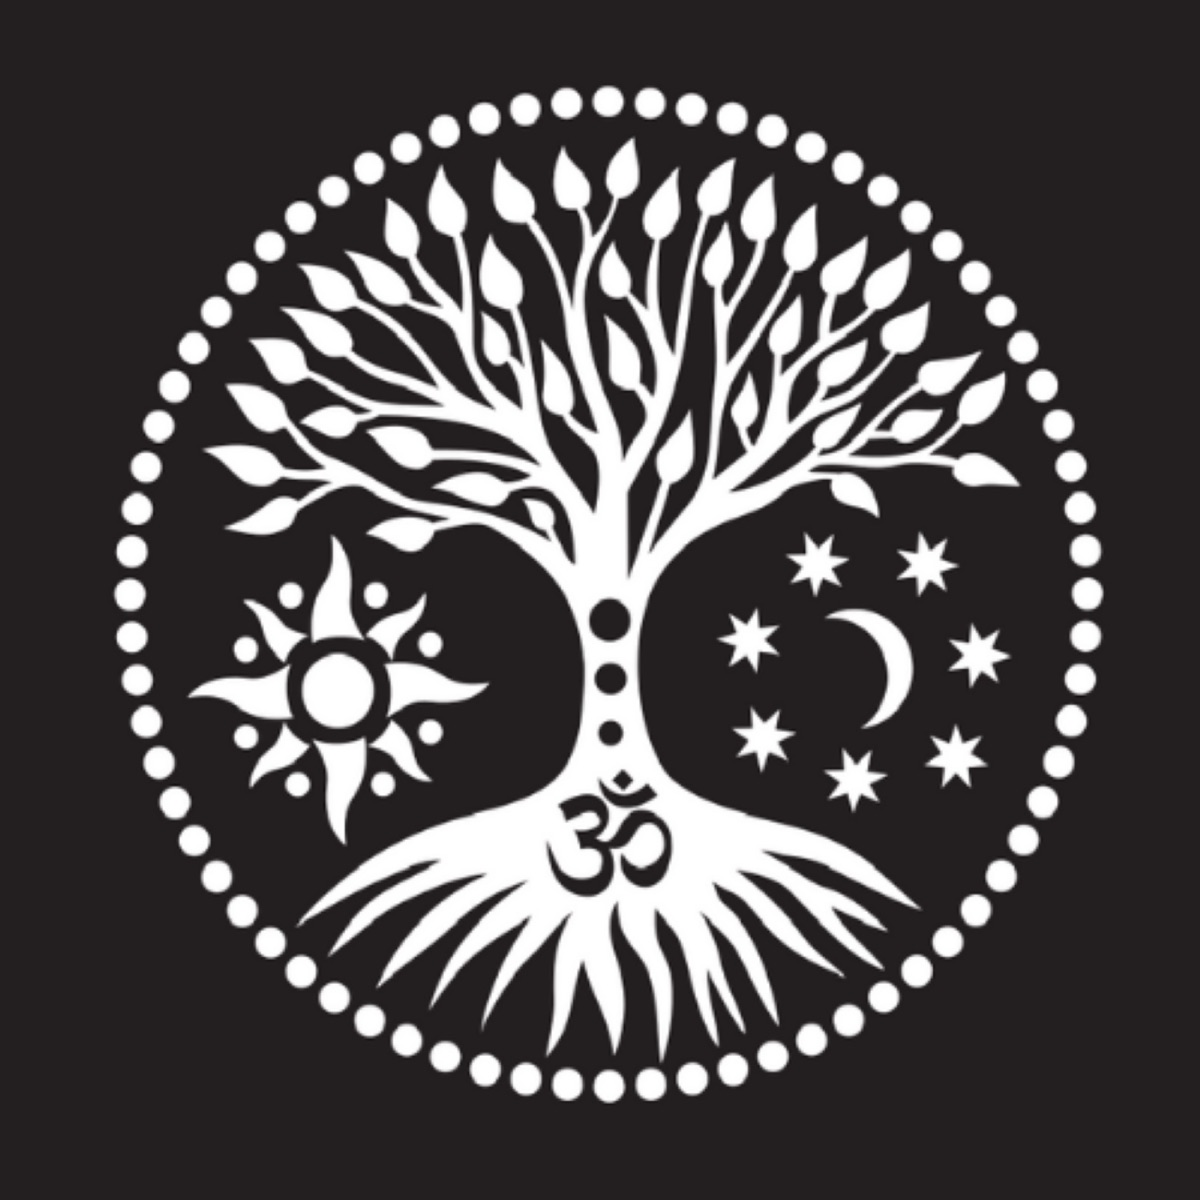 AXIS MUNDI - dein spiritueller Nahversorger